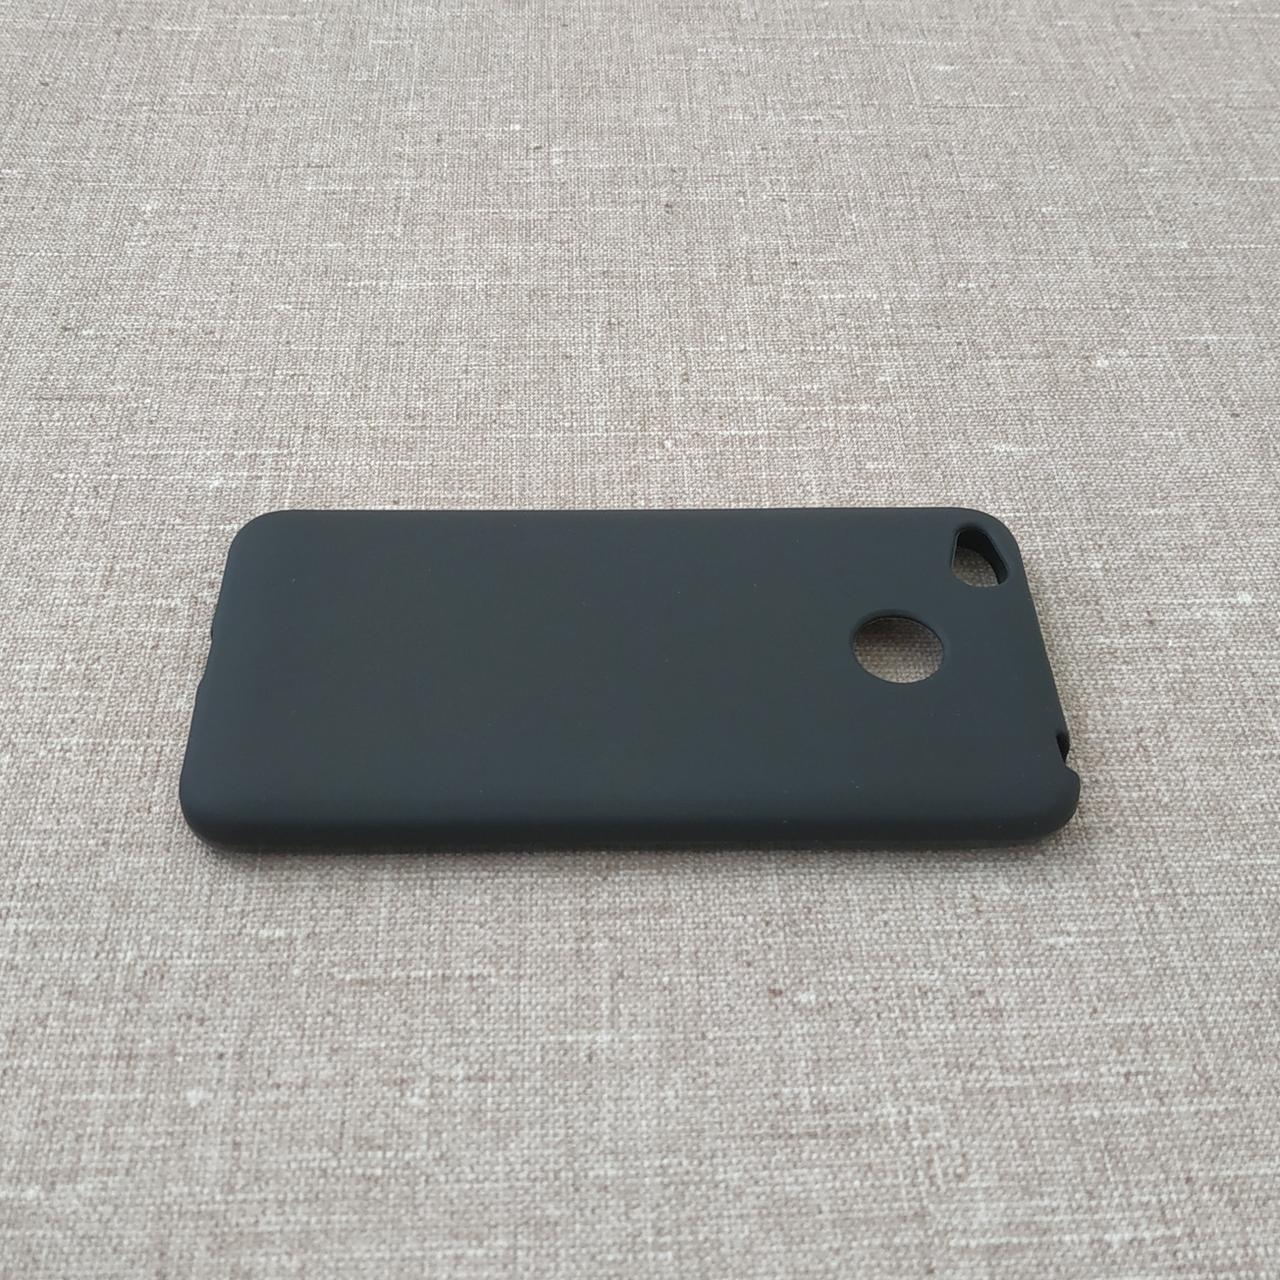 Чехлы для Xiaomi Redmi 4X TPU 4x black Для телефона Черный